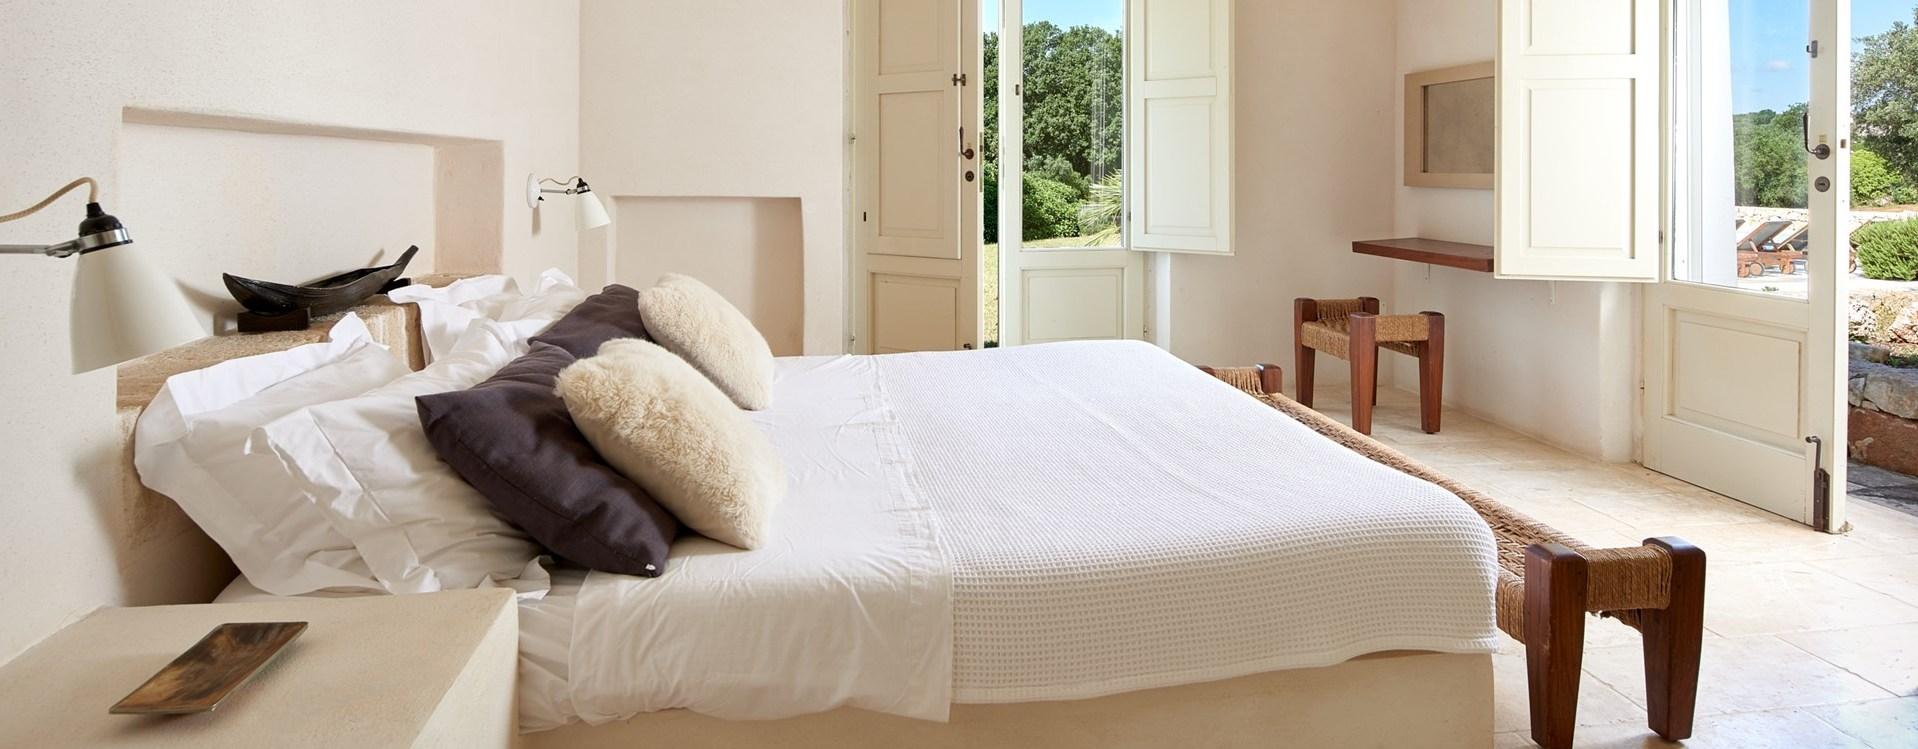 master-bedroom-la-moresca